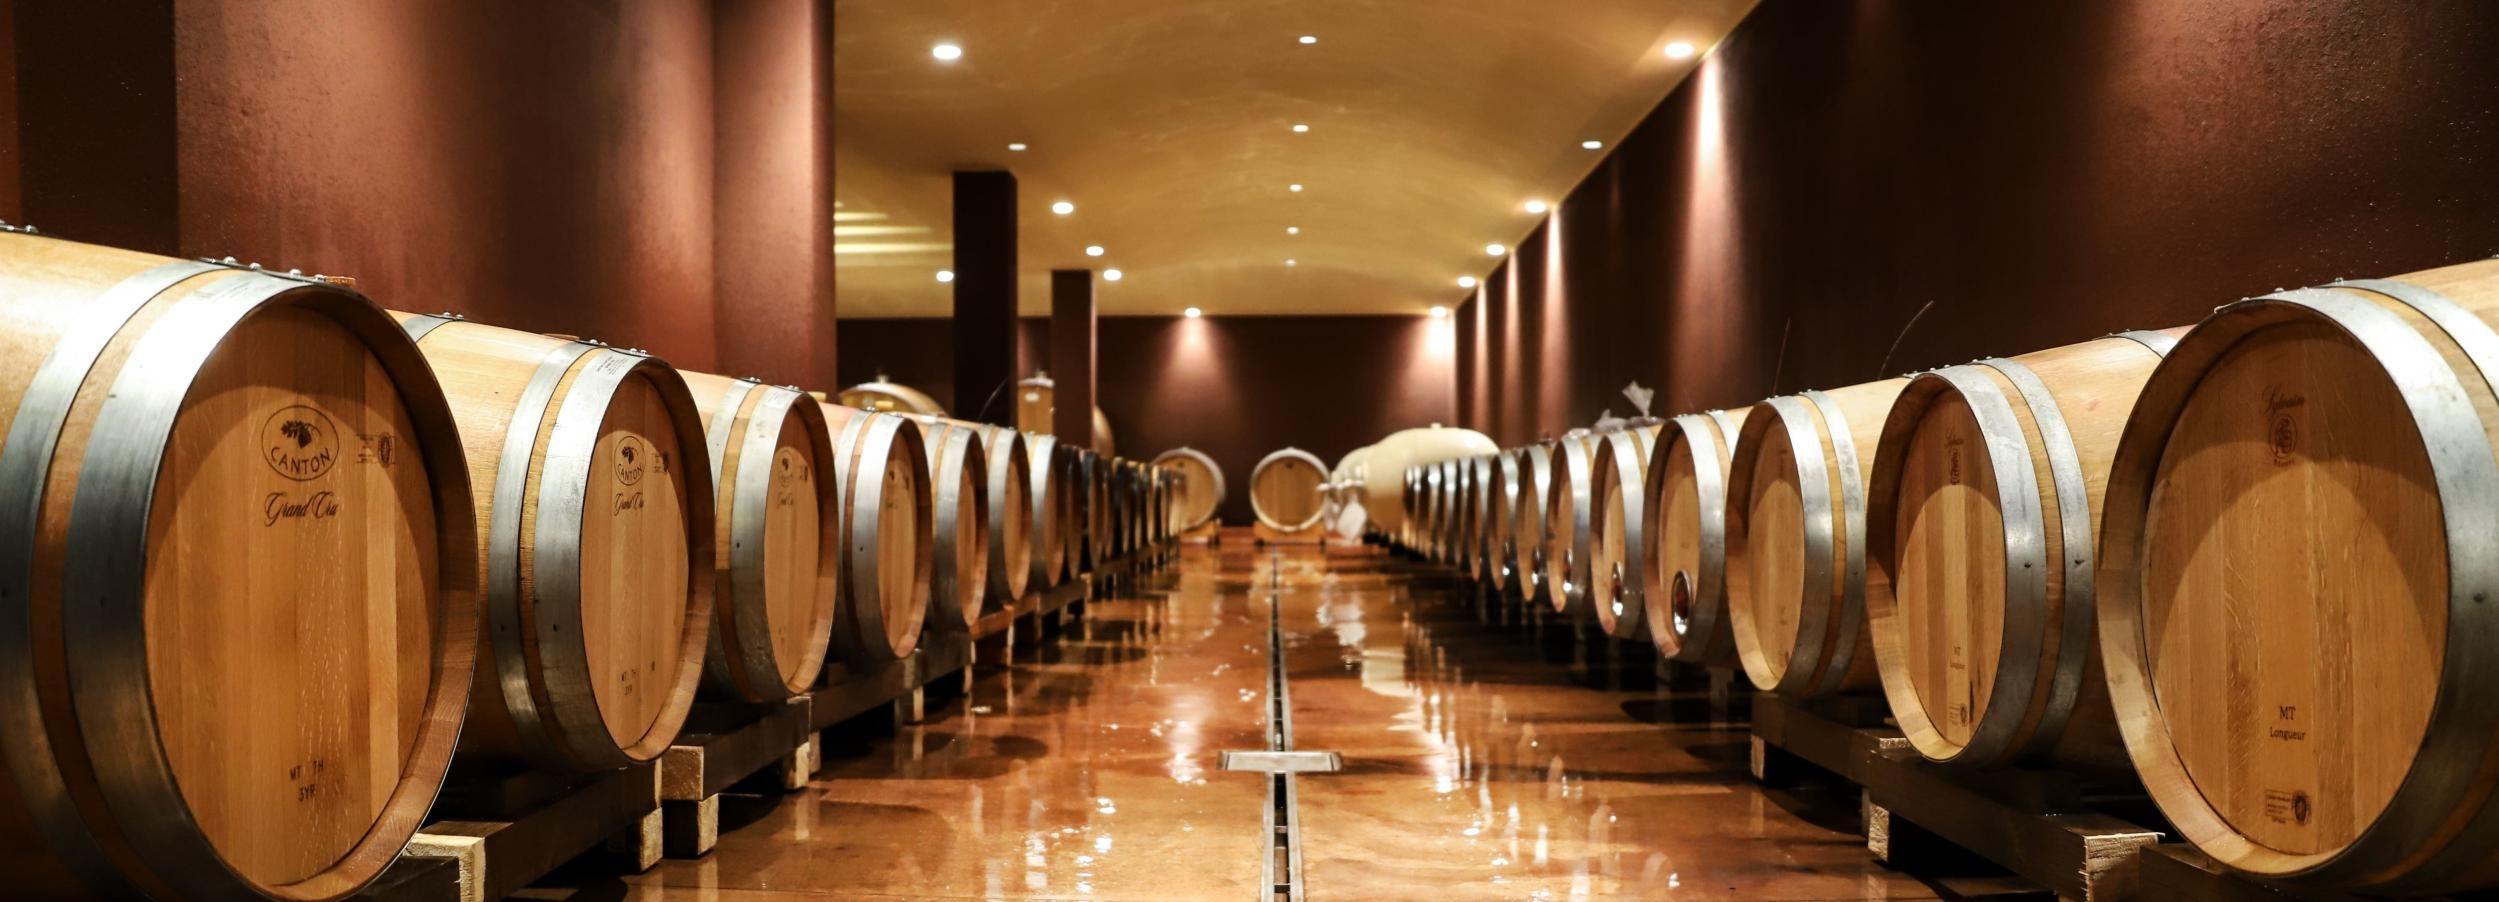 Lago di Garda: tour del vino e degustazione a Bardolino